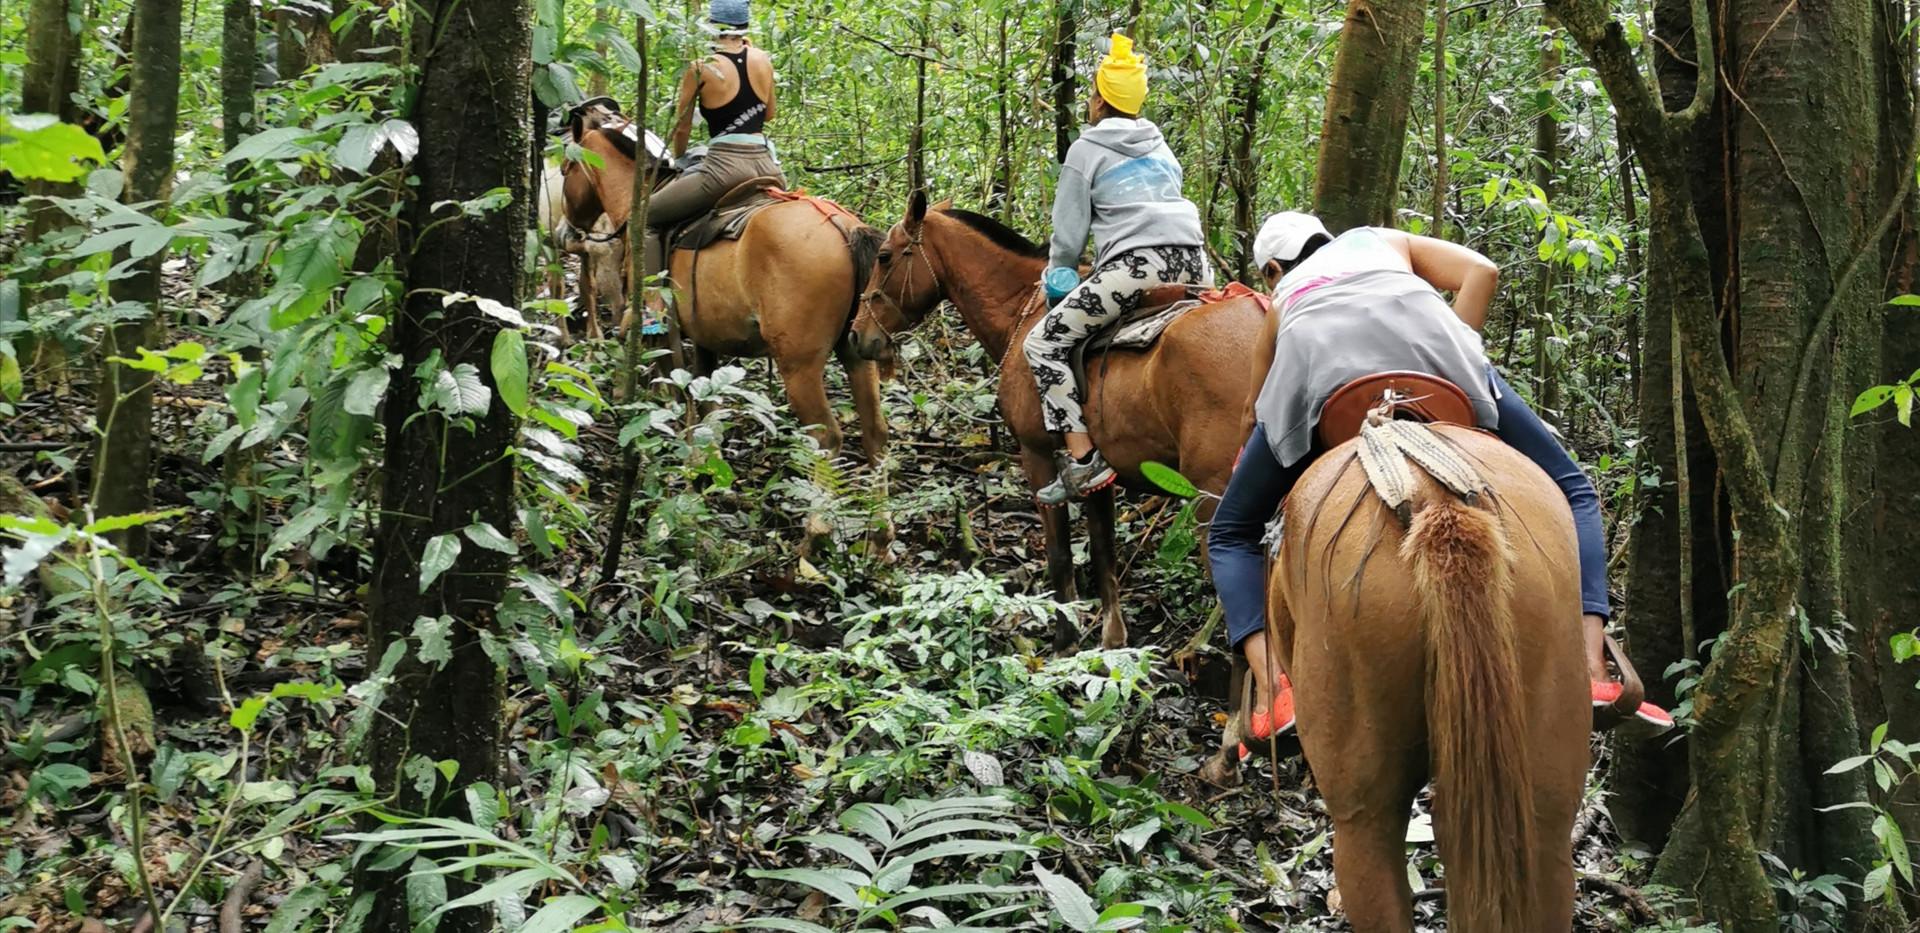 horseback ridng 5 con las francesas.jpg